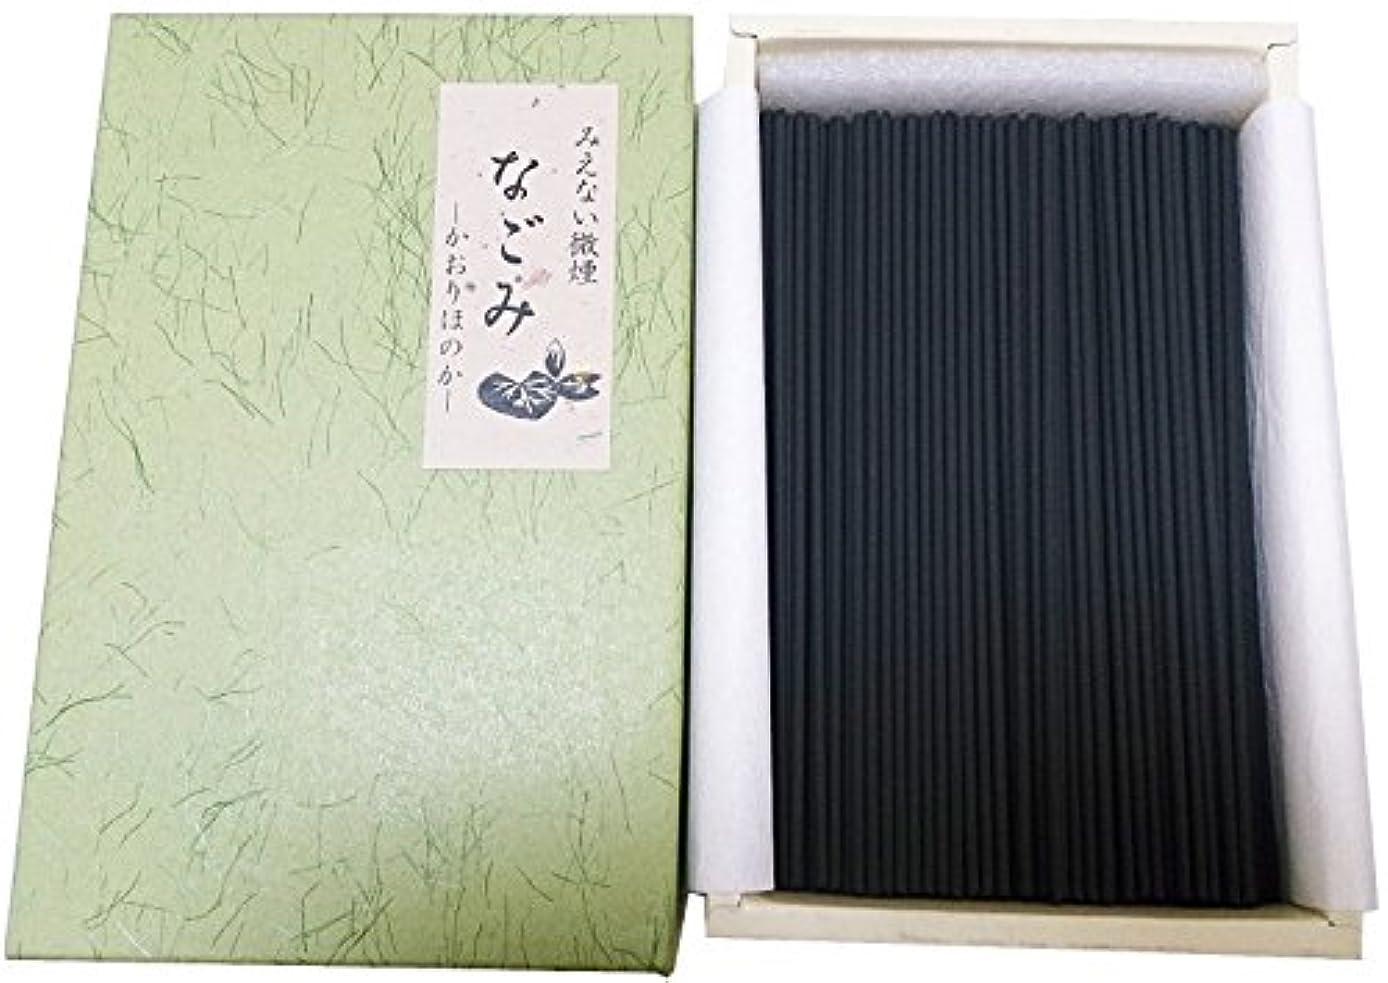 環境しばしばフォアタイプ淡路梅薫堂のお線香 無香 無臭 無香料 無煙 なごみ 135g×11箱 #108